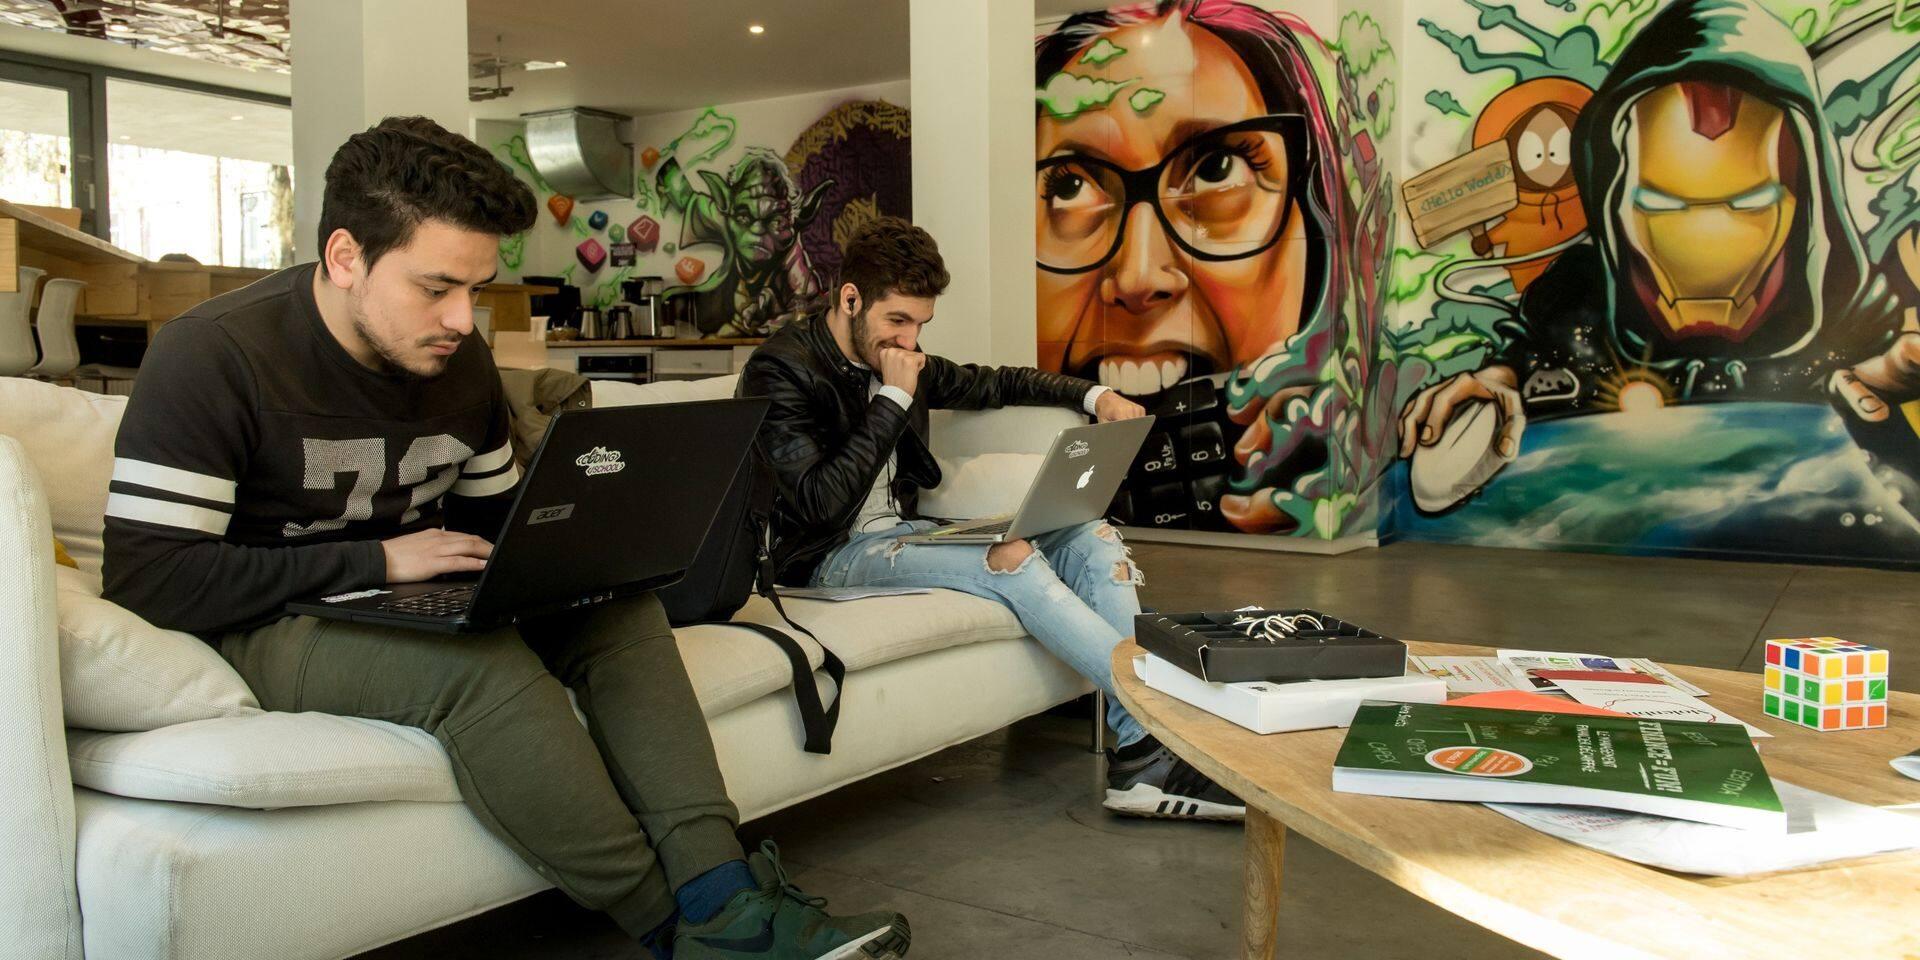 MolenGeek appelle les entreprises à donner des ordinateurs aux élèves qui n'en ont pas